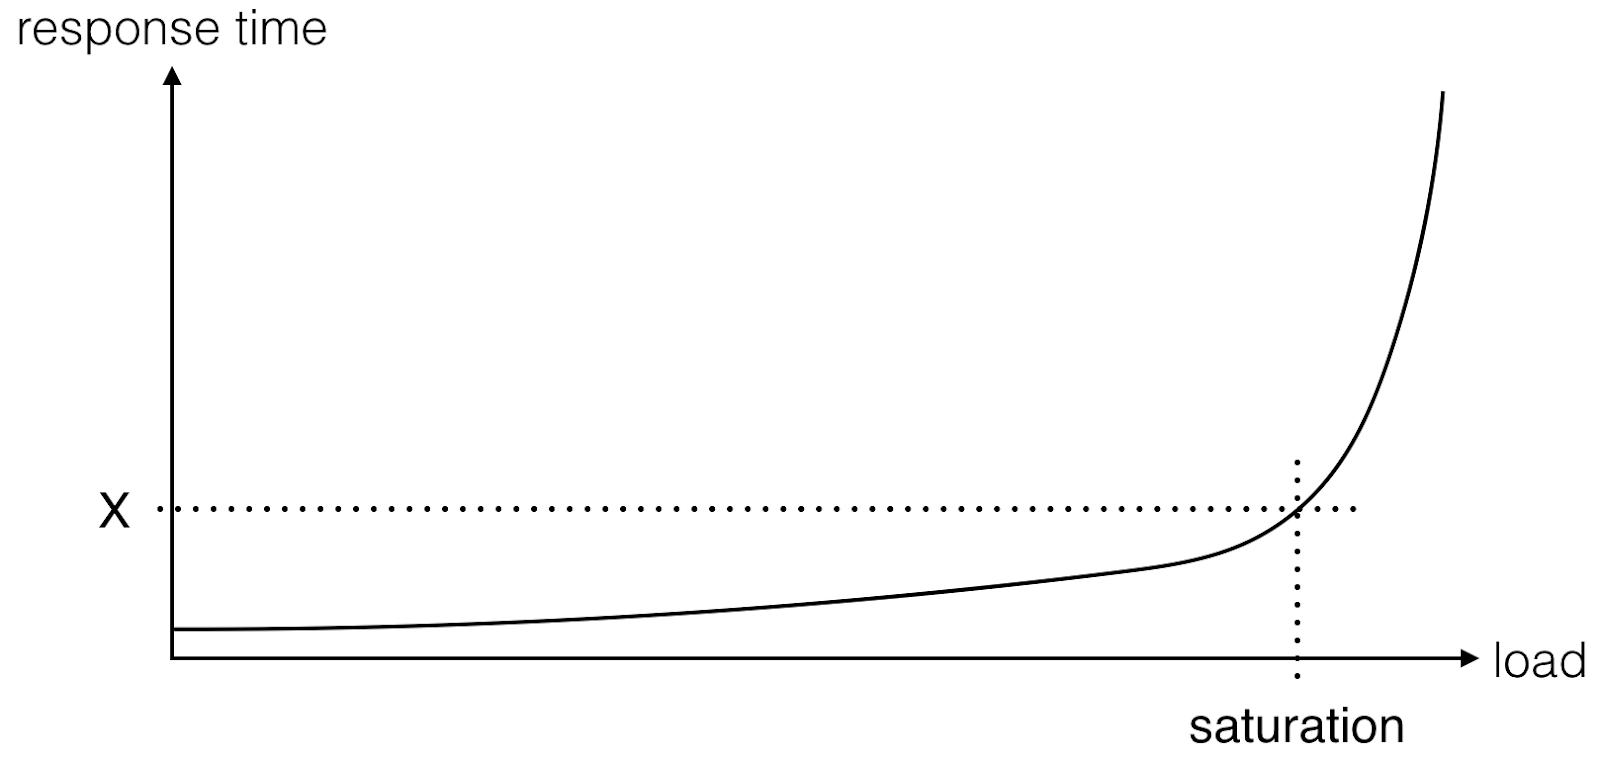 Response Time vs Load